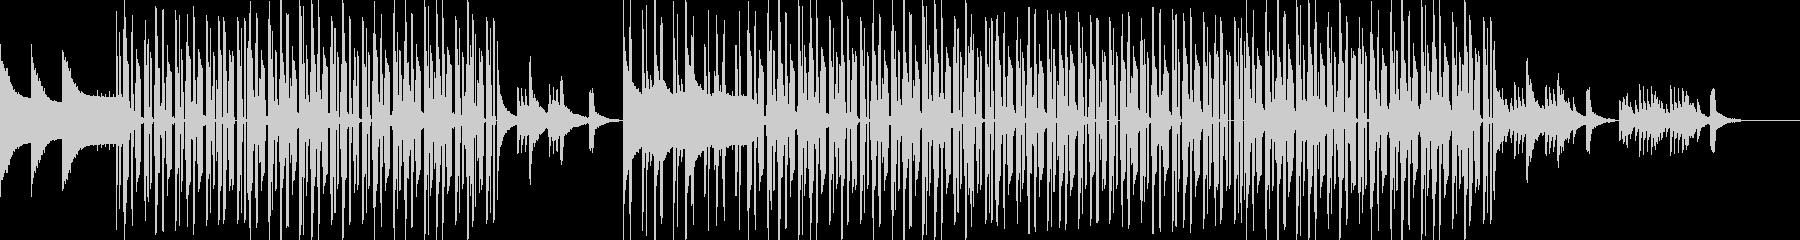 心地よいビートとピアノのチルヒップホップの未再生の波形